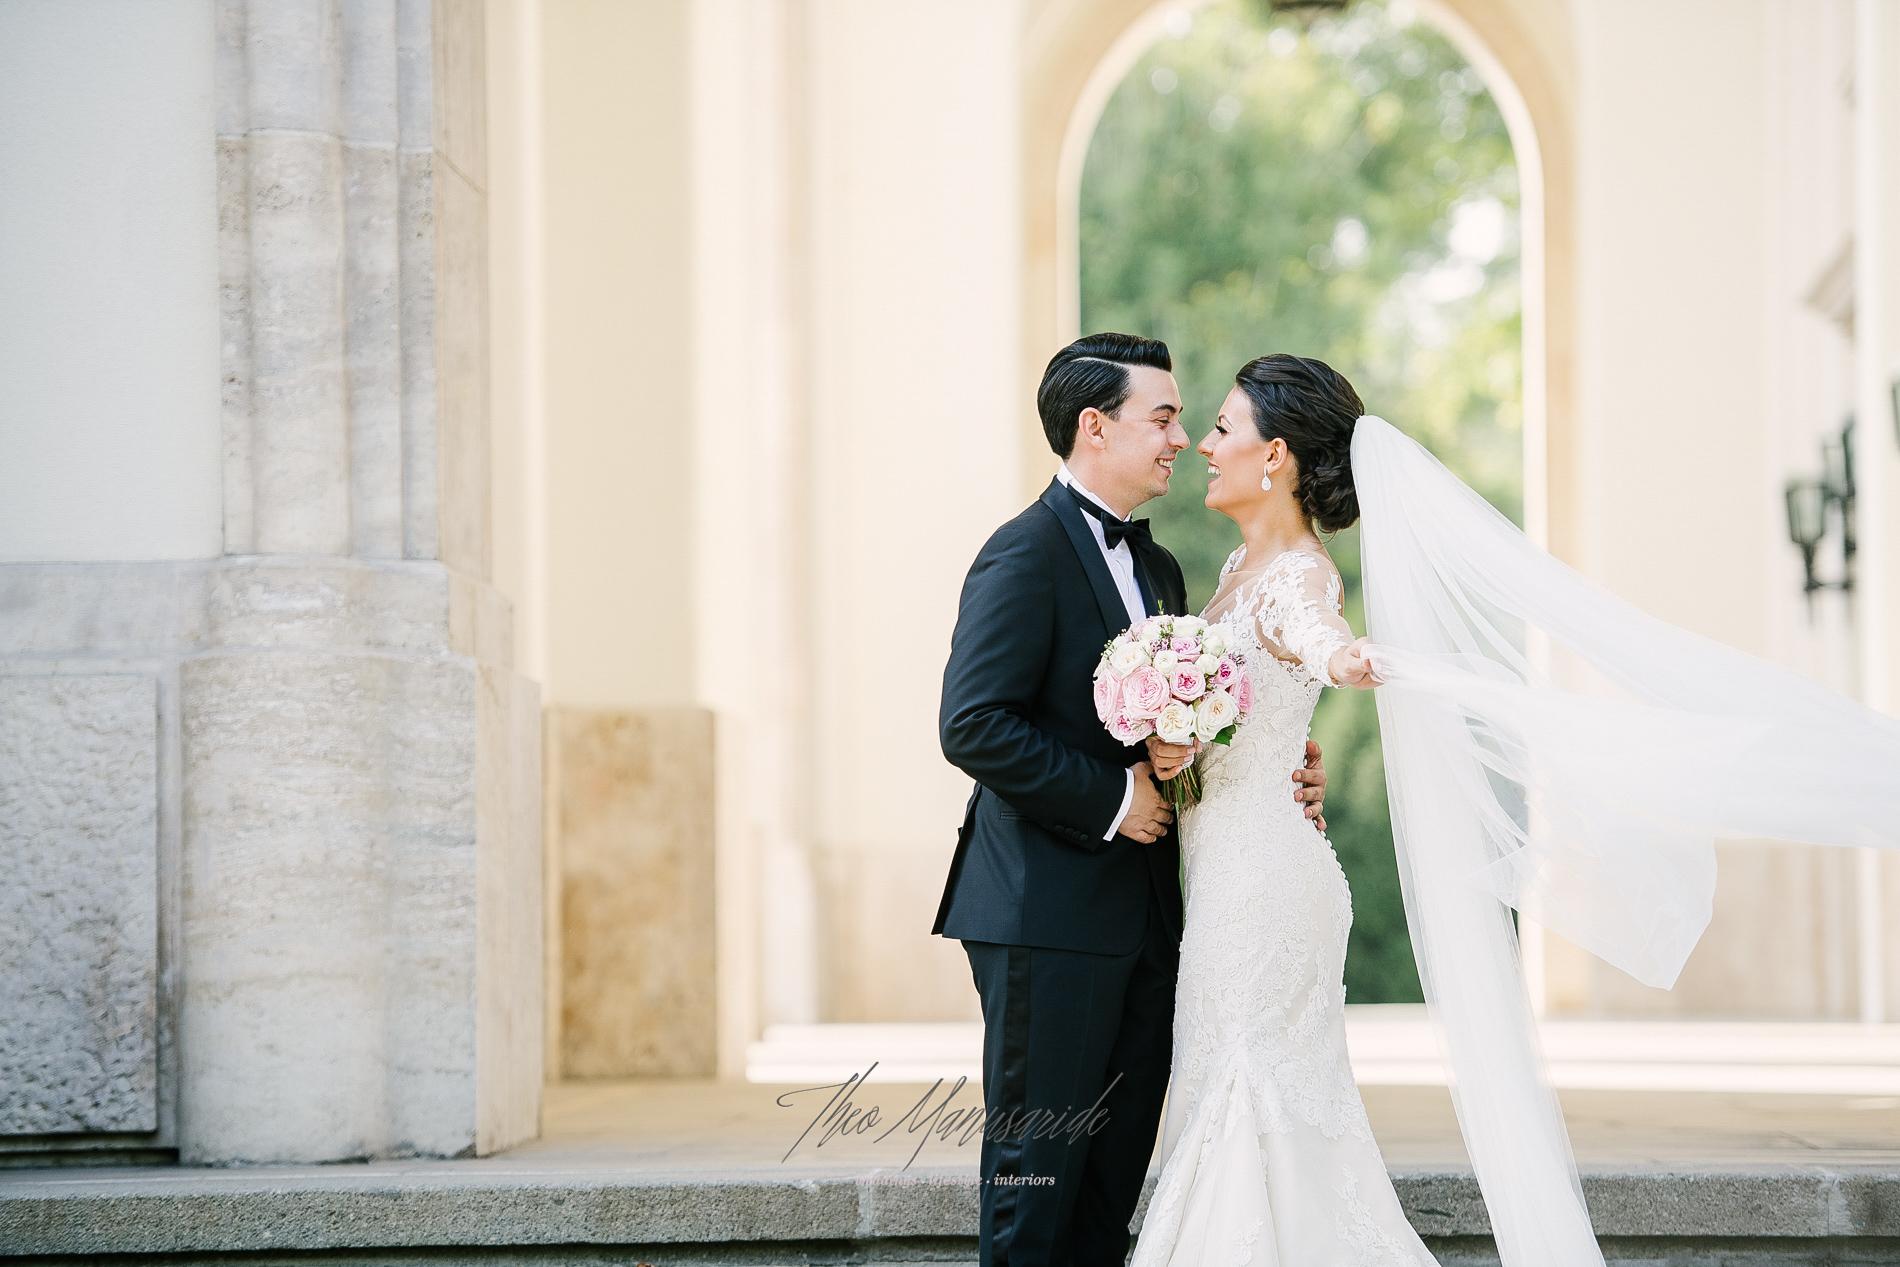 fotograf nunta biavati events-27-2